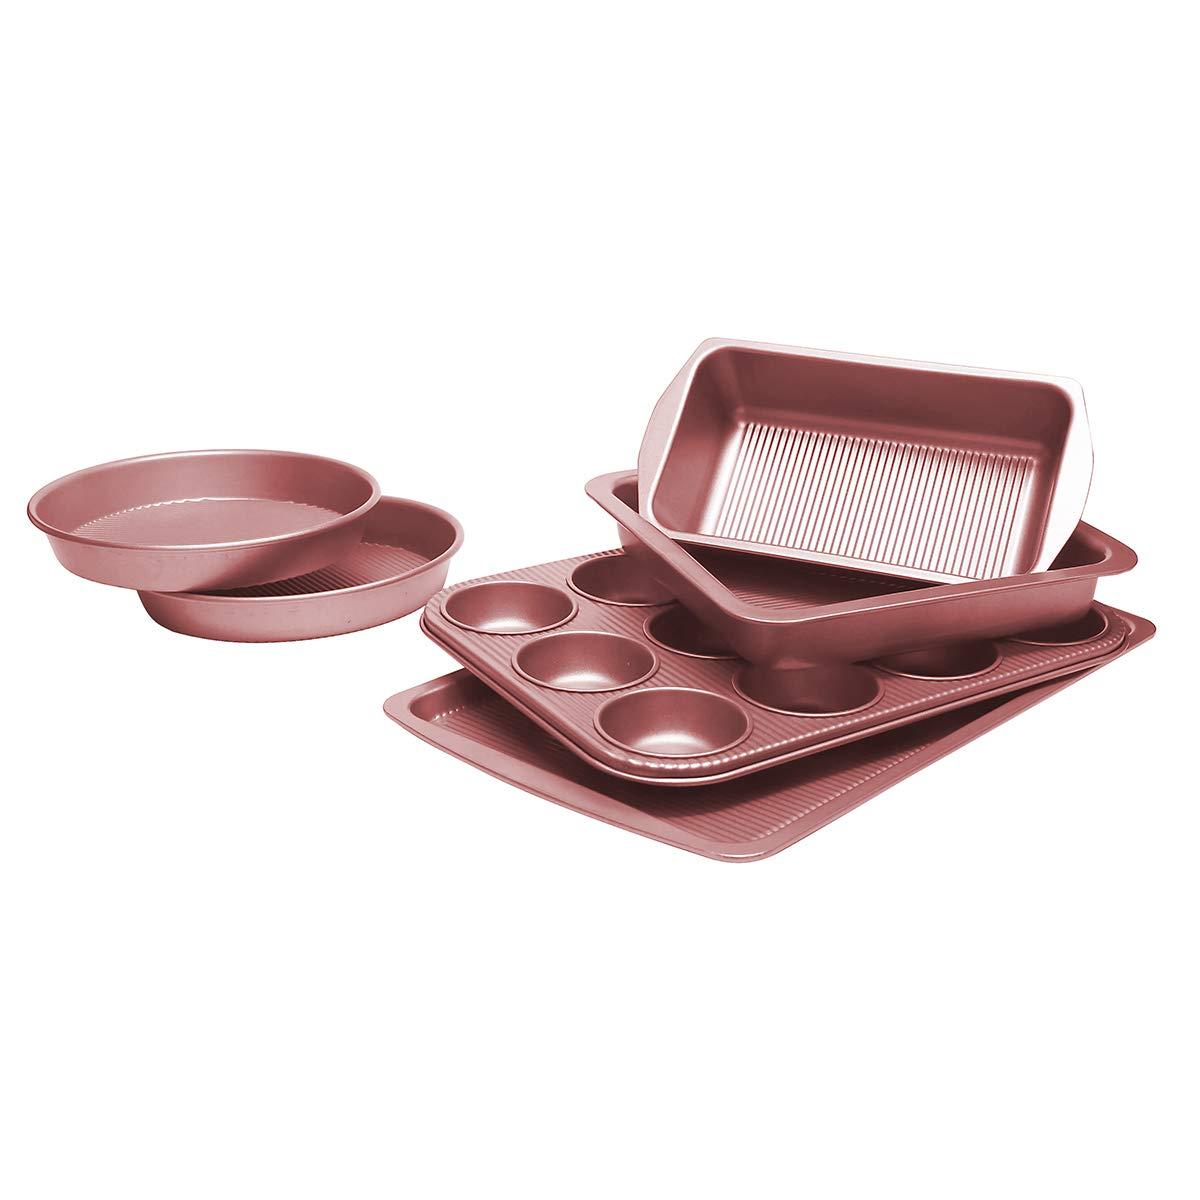 Bakeware Set, TOPTIER 6 Piece Nonstick Baking Pan Sets with Cookie Baking Sheets, Muffin Pan, Loaf Pan, Round Cake Pan, Roasting Pan for Baking | Prime Housewarming & Wedding Gift, Rose Gold by toptier (Image #1)